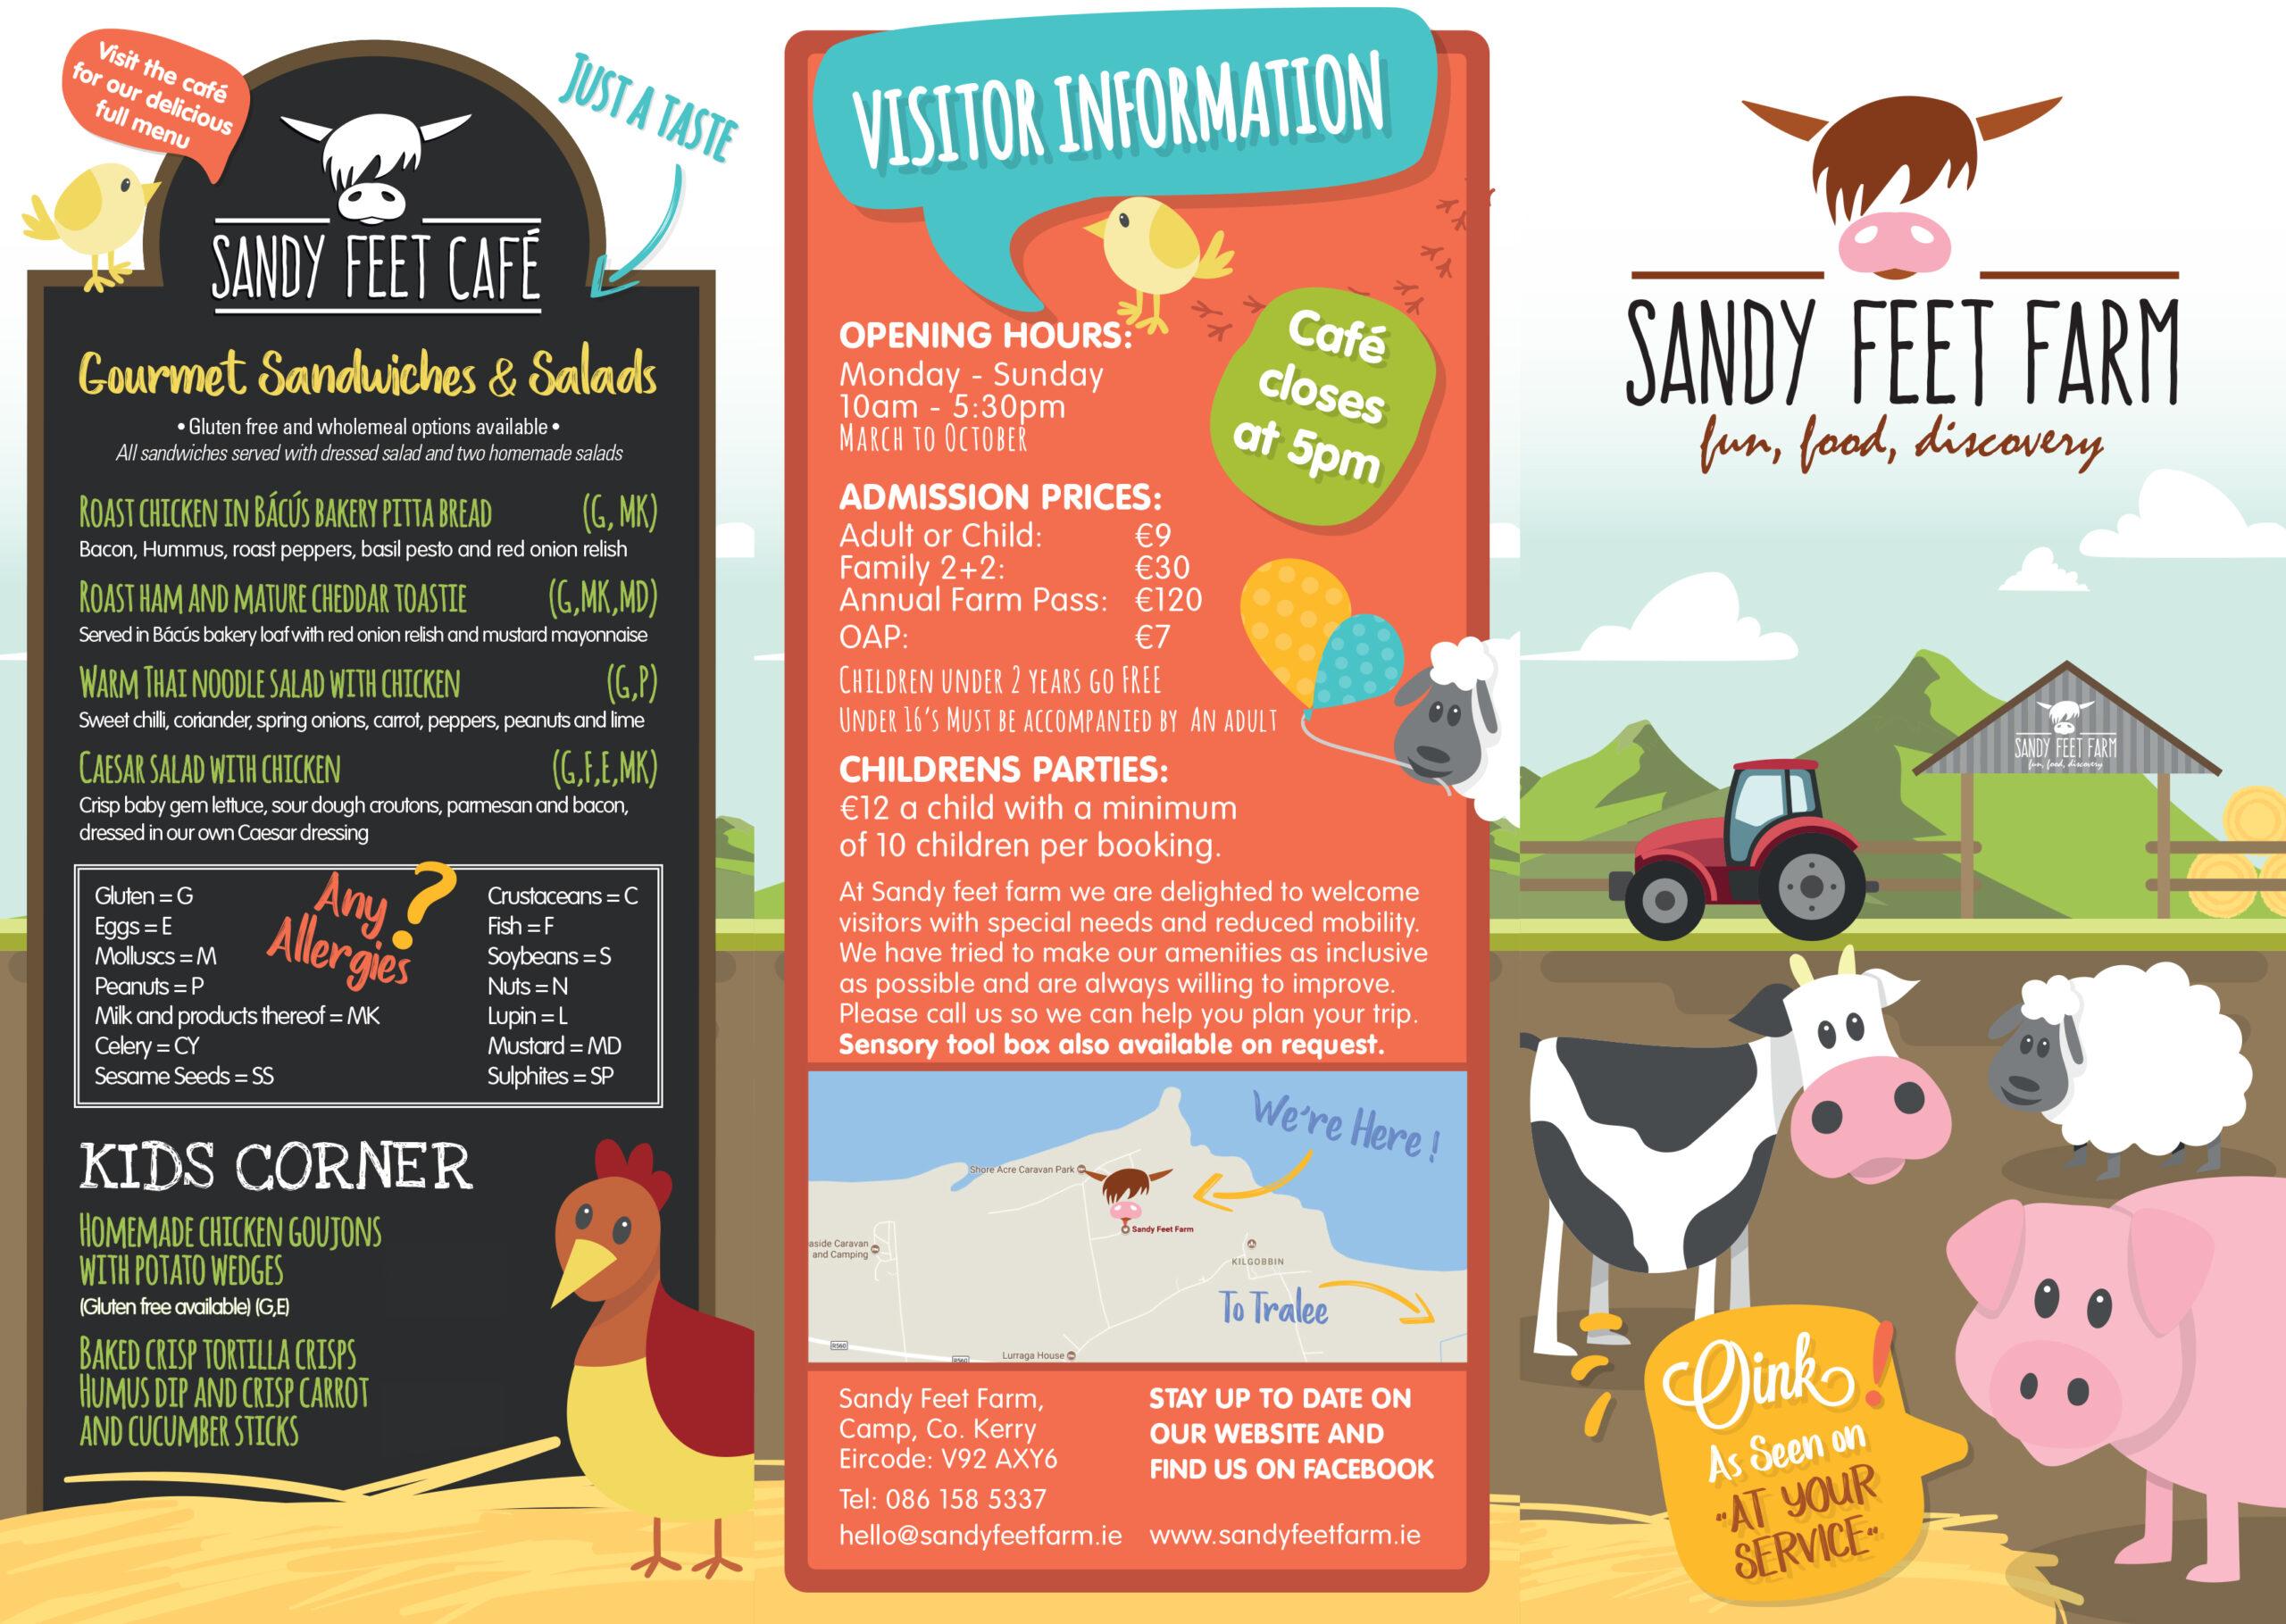 Sandy Feet Farm Kerry Map